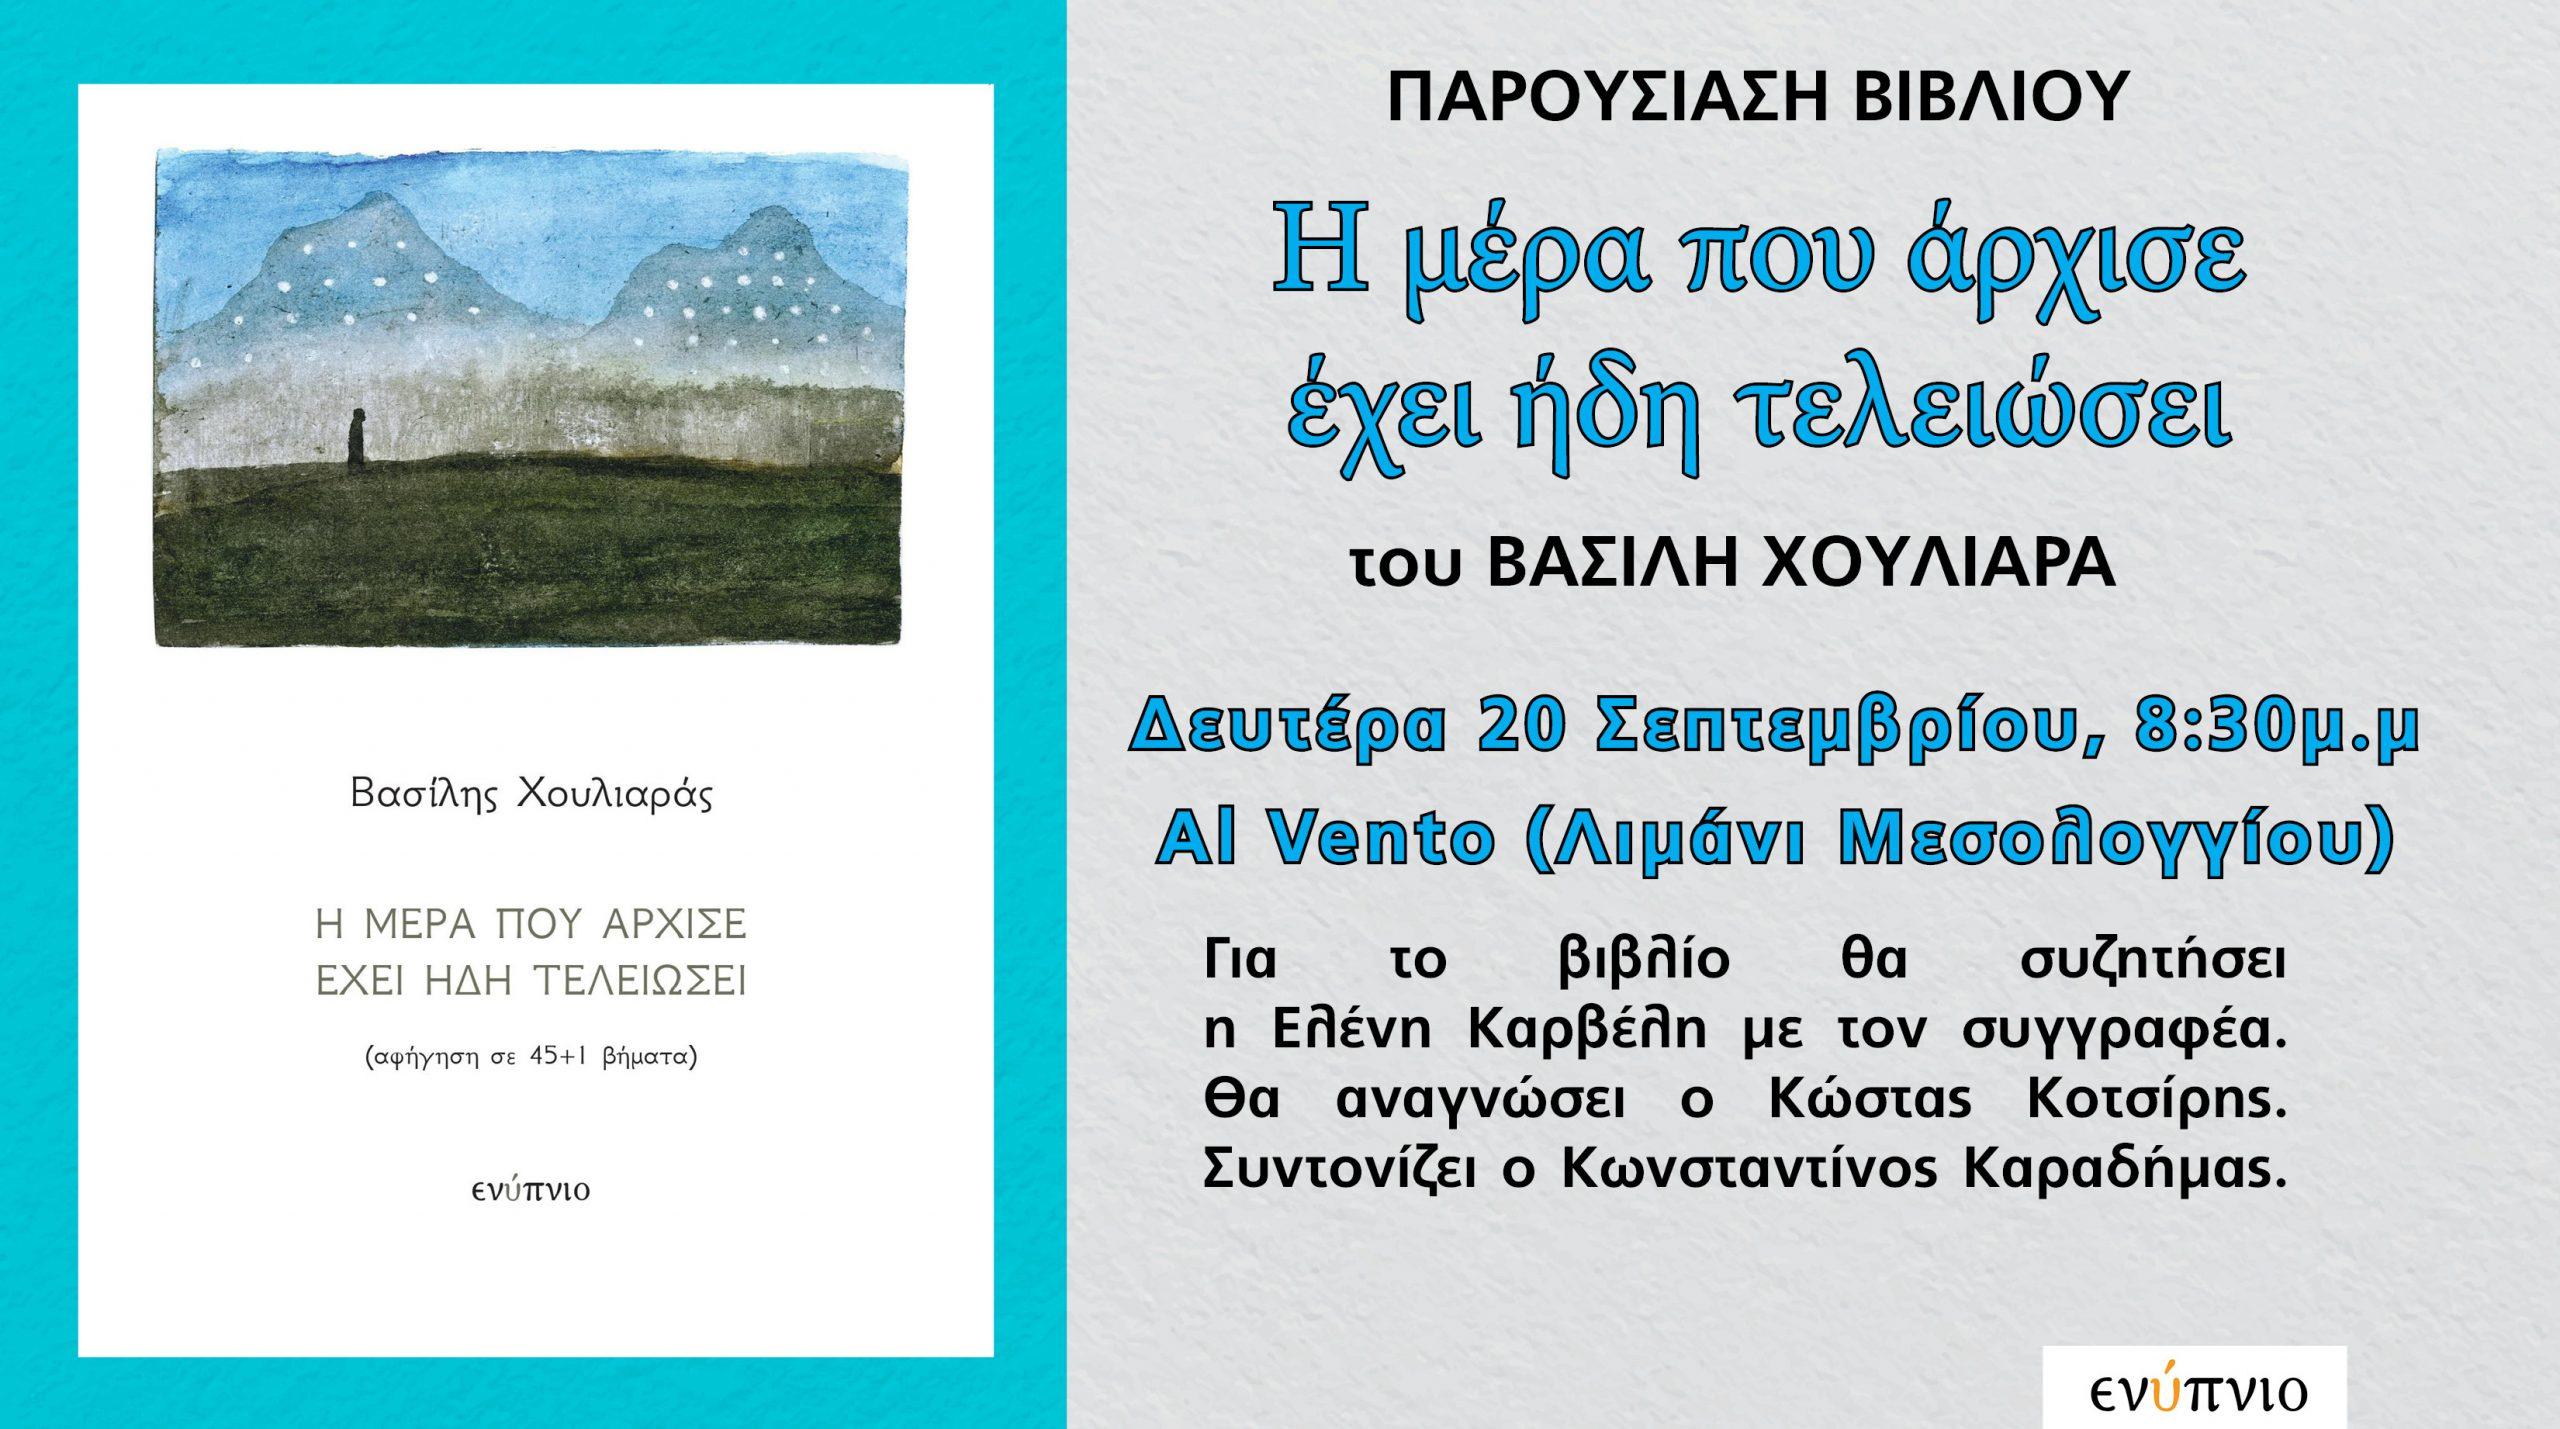 Παρουσιάζεται στο Μεσολόγγι το βιβλίο «Η μέρα που άρχισε έχει ήδη τελειώσει» του Βασίλειου Χουλιάρα